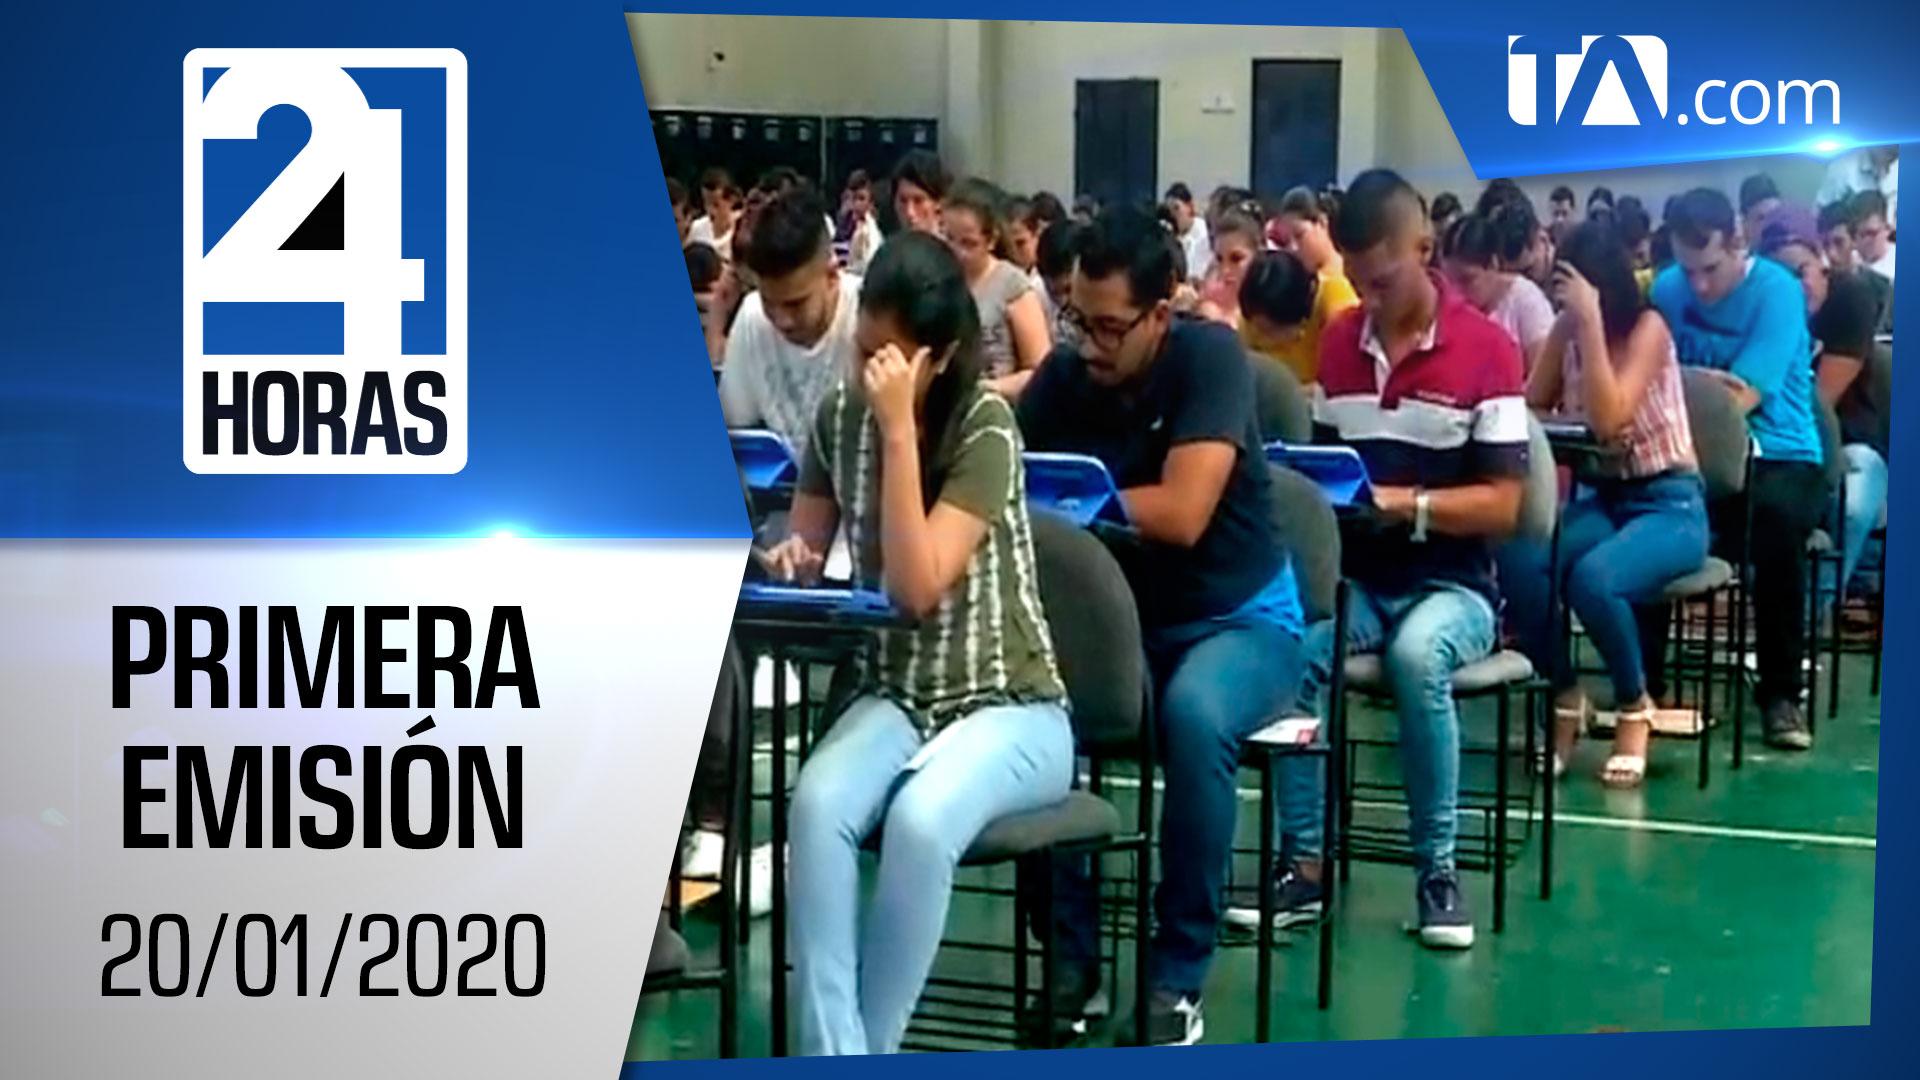 Noticias Ecuador: Noticiero 24 Horas 20/01/2020 (Primera Emisión)